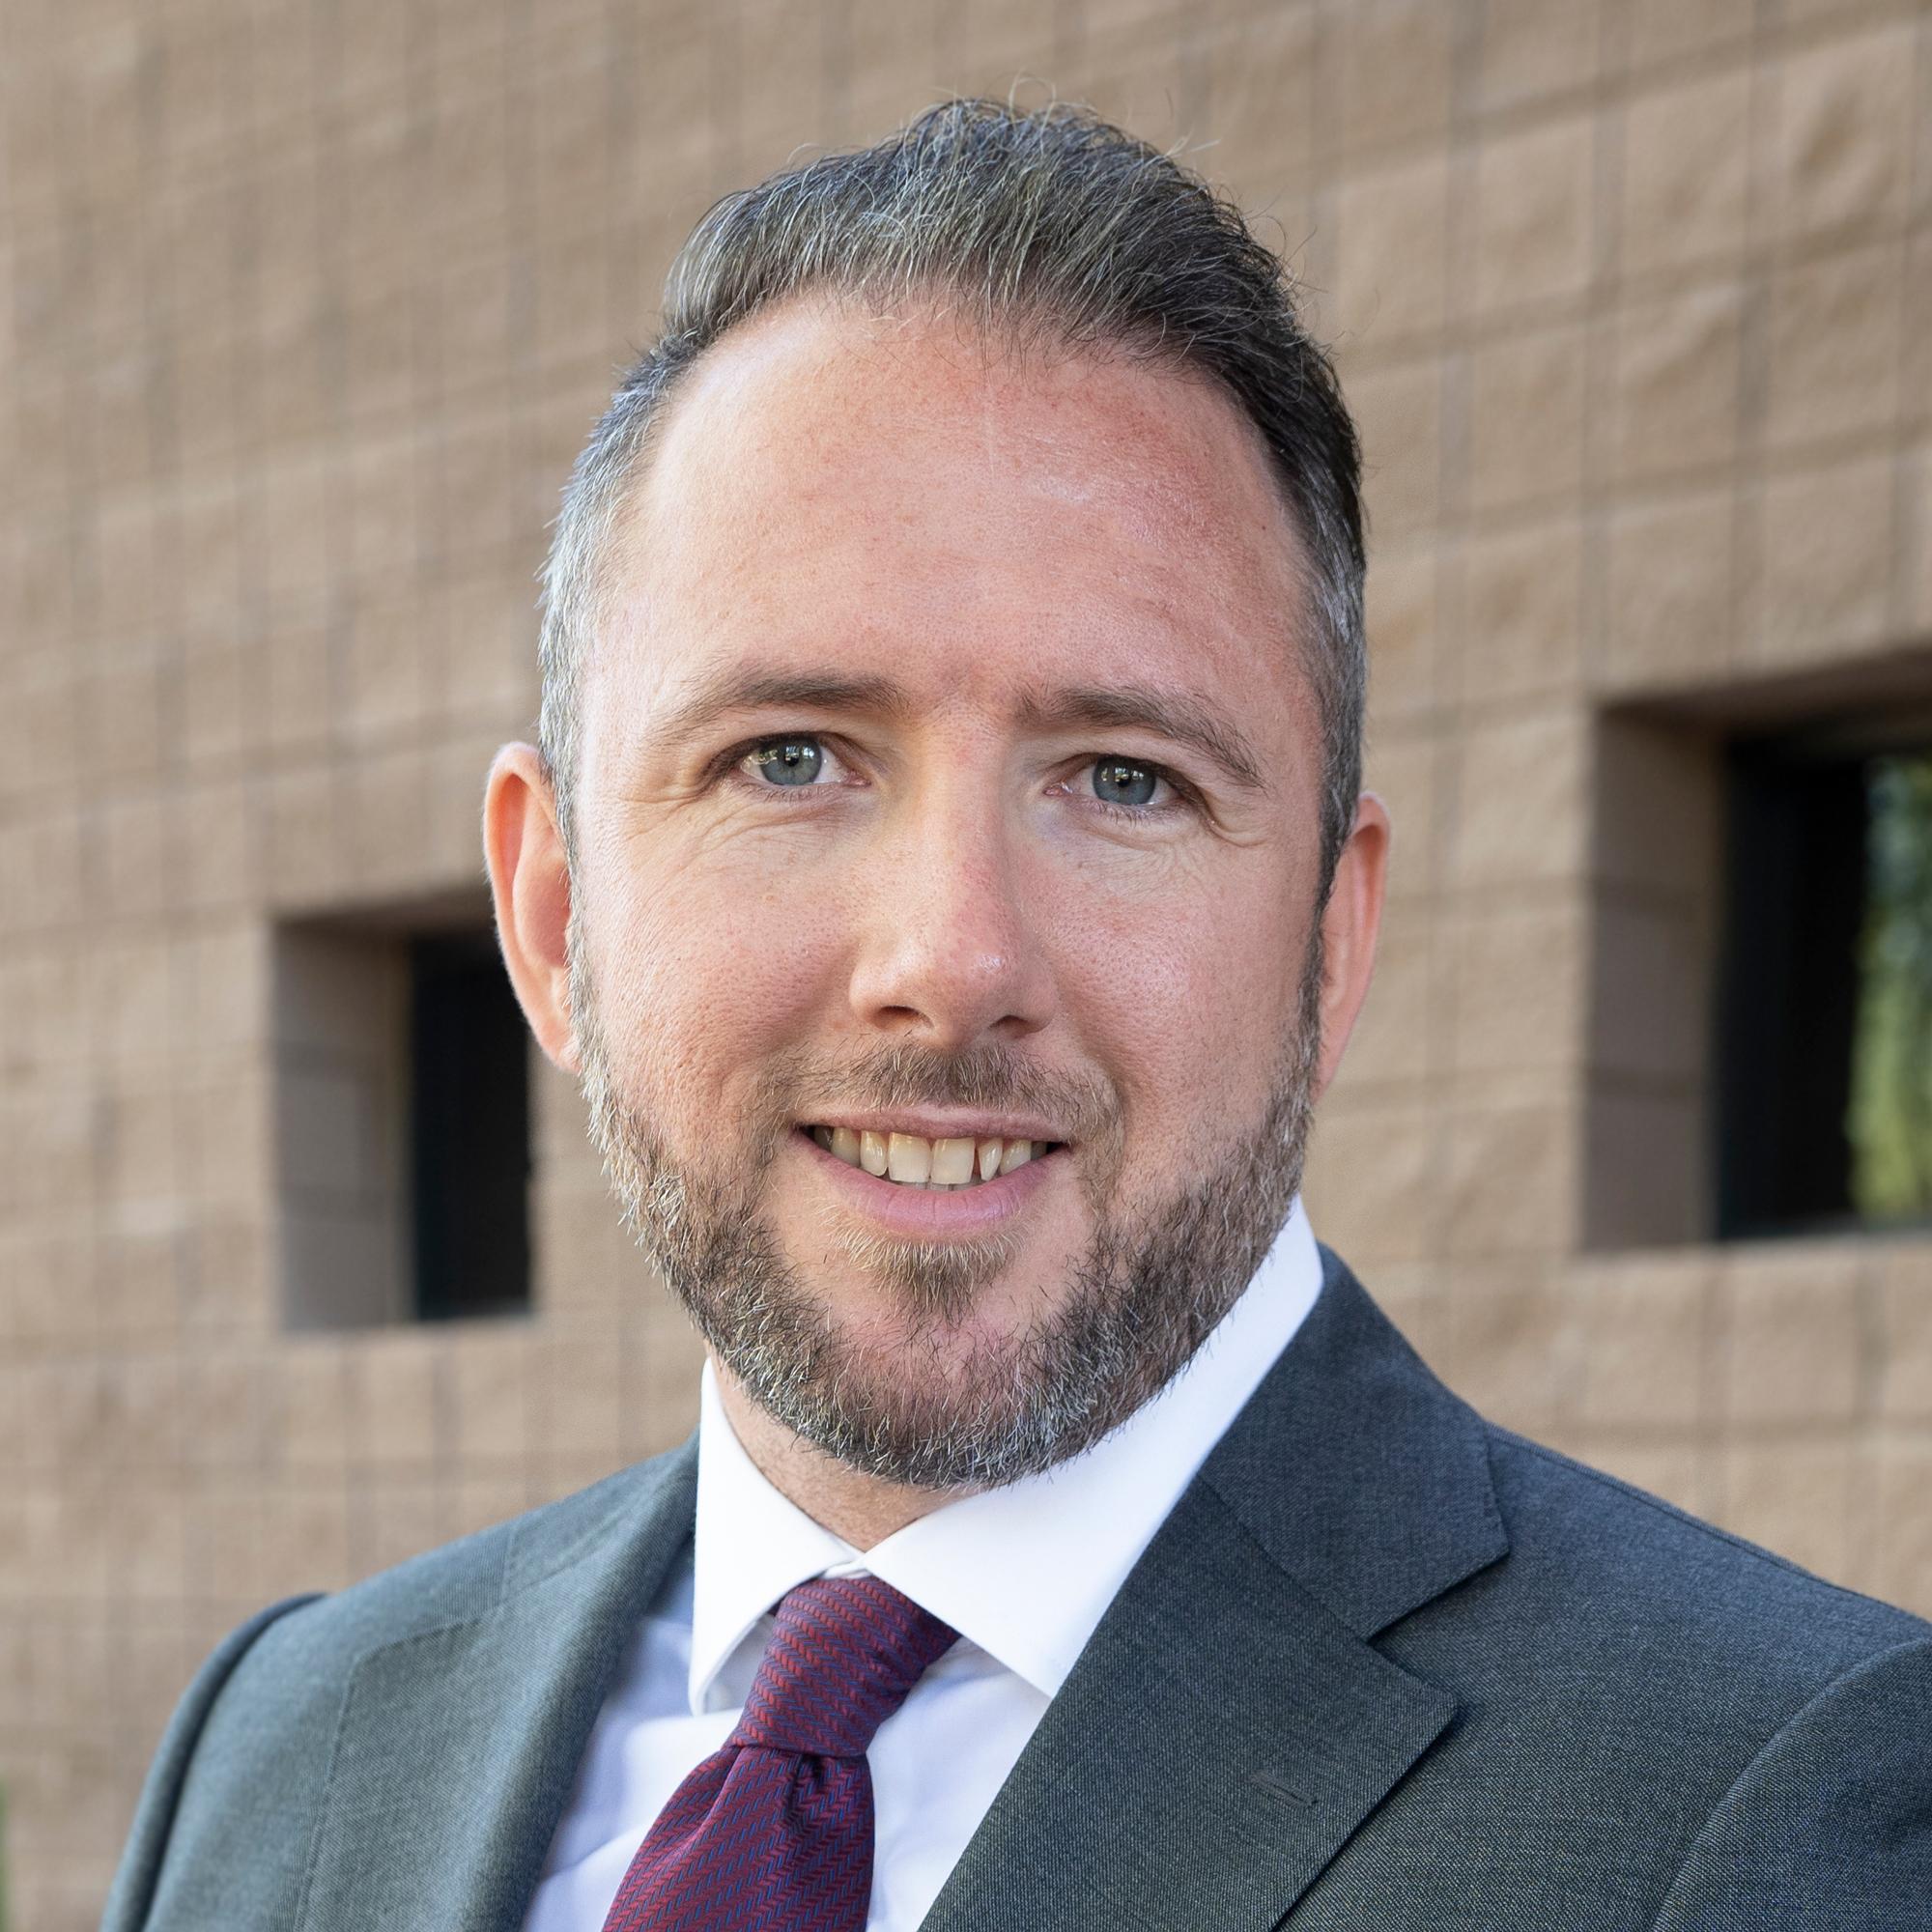 Jeremy Andrew Minson